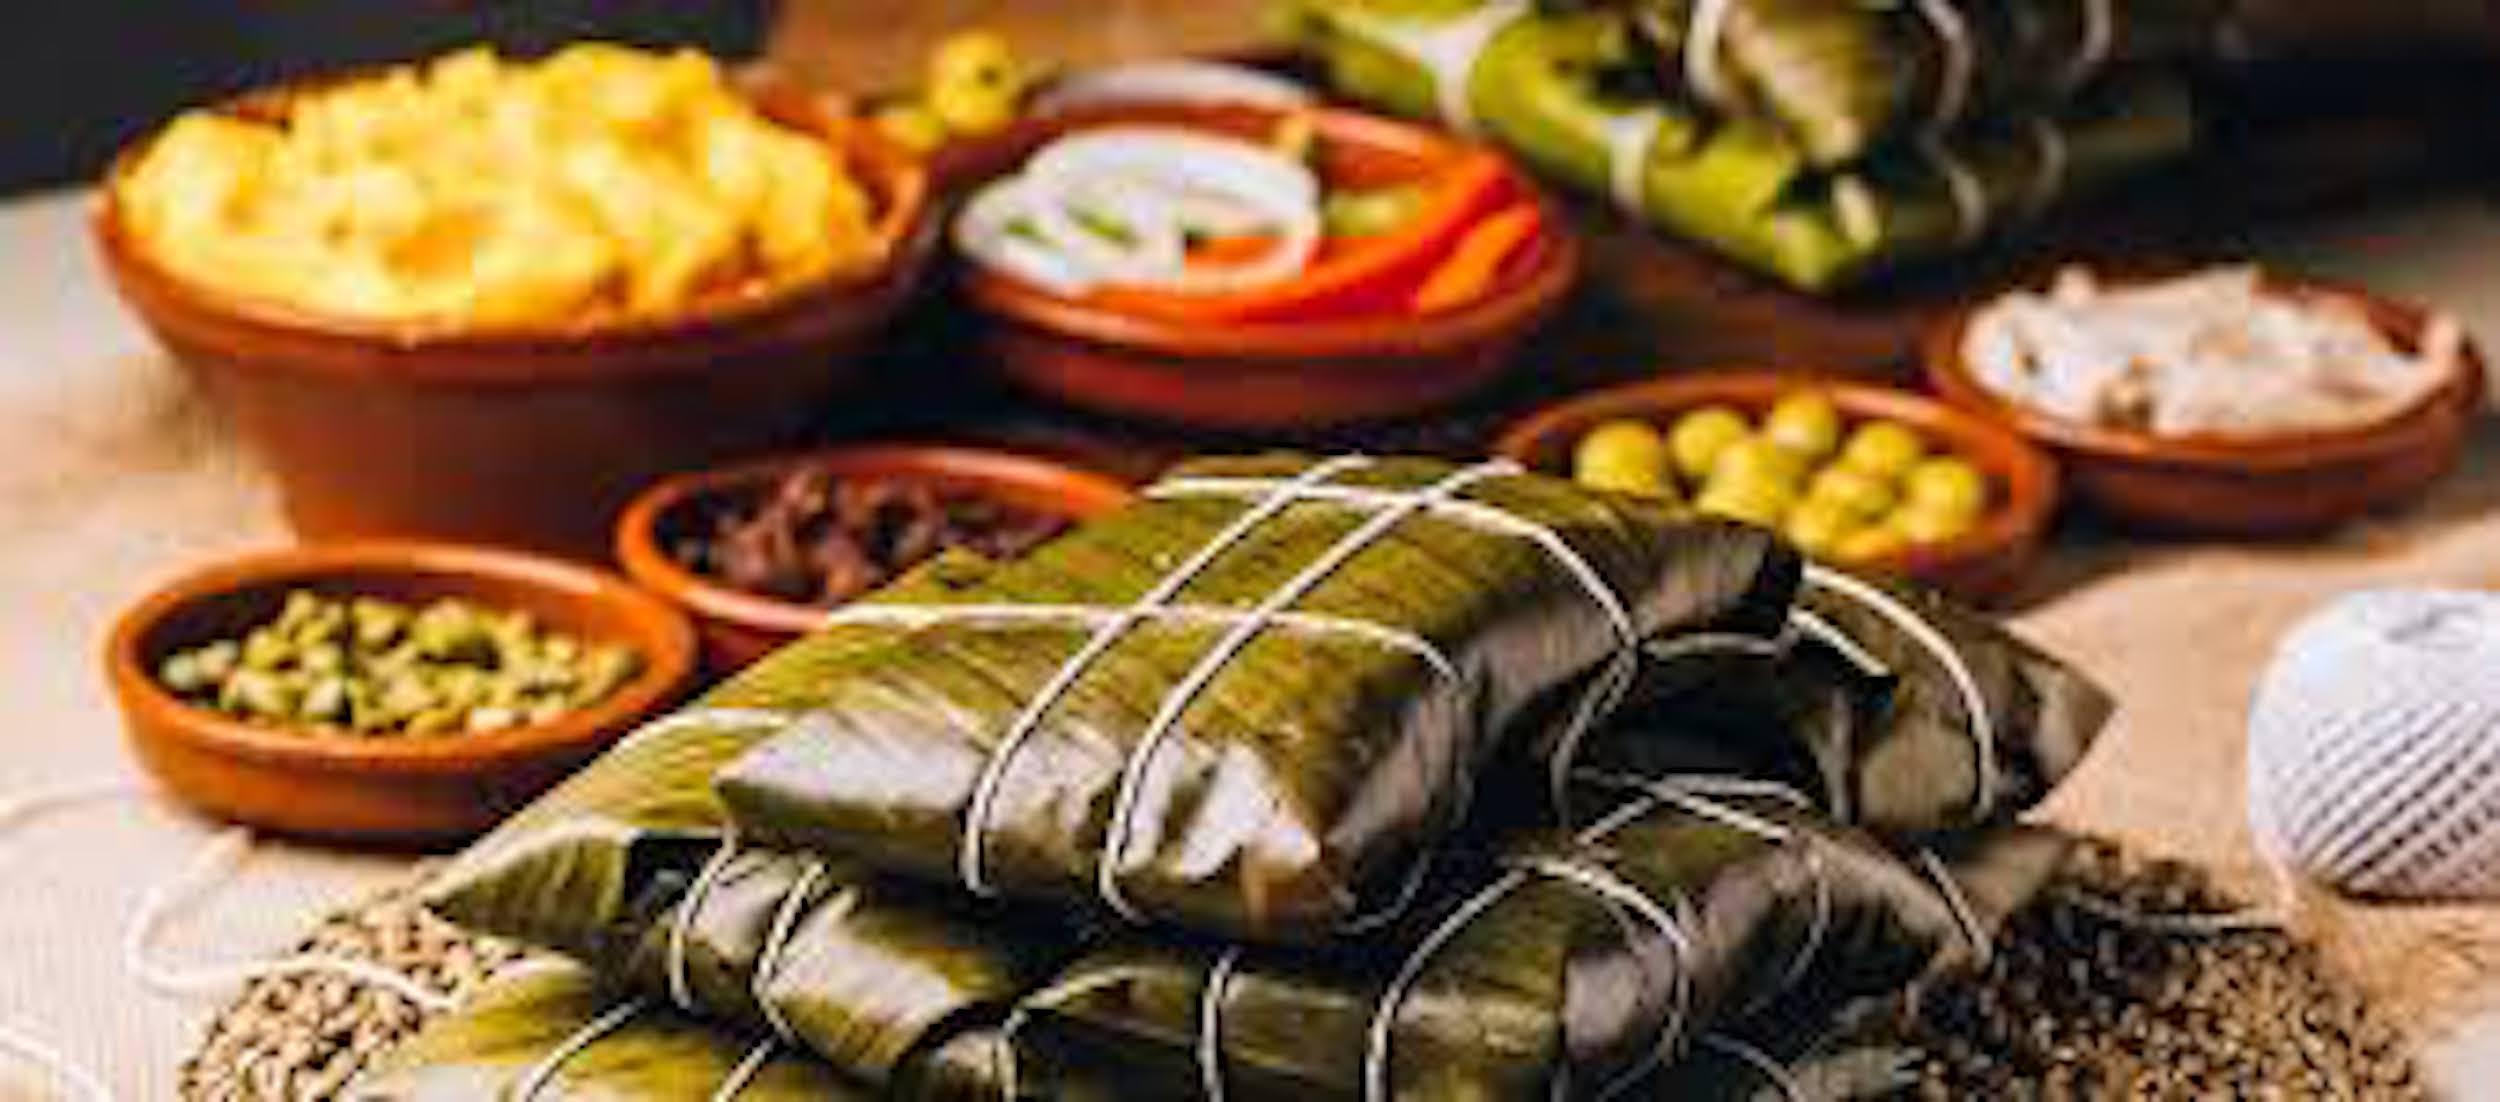 Cocina tu mejor receta e inscríbela en el concurso gastronómico ¿A qué sabe la Patria?